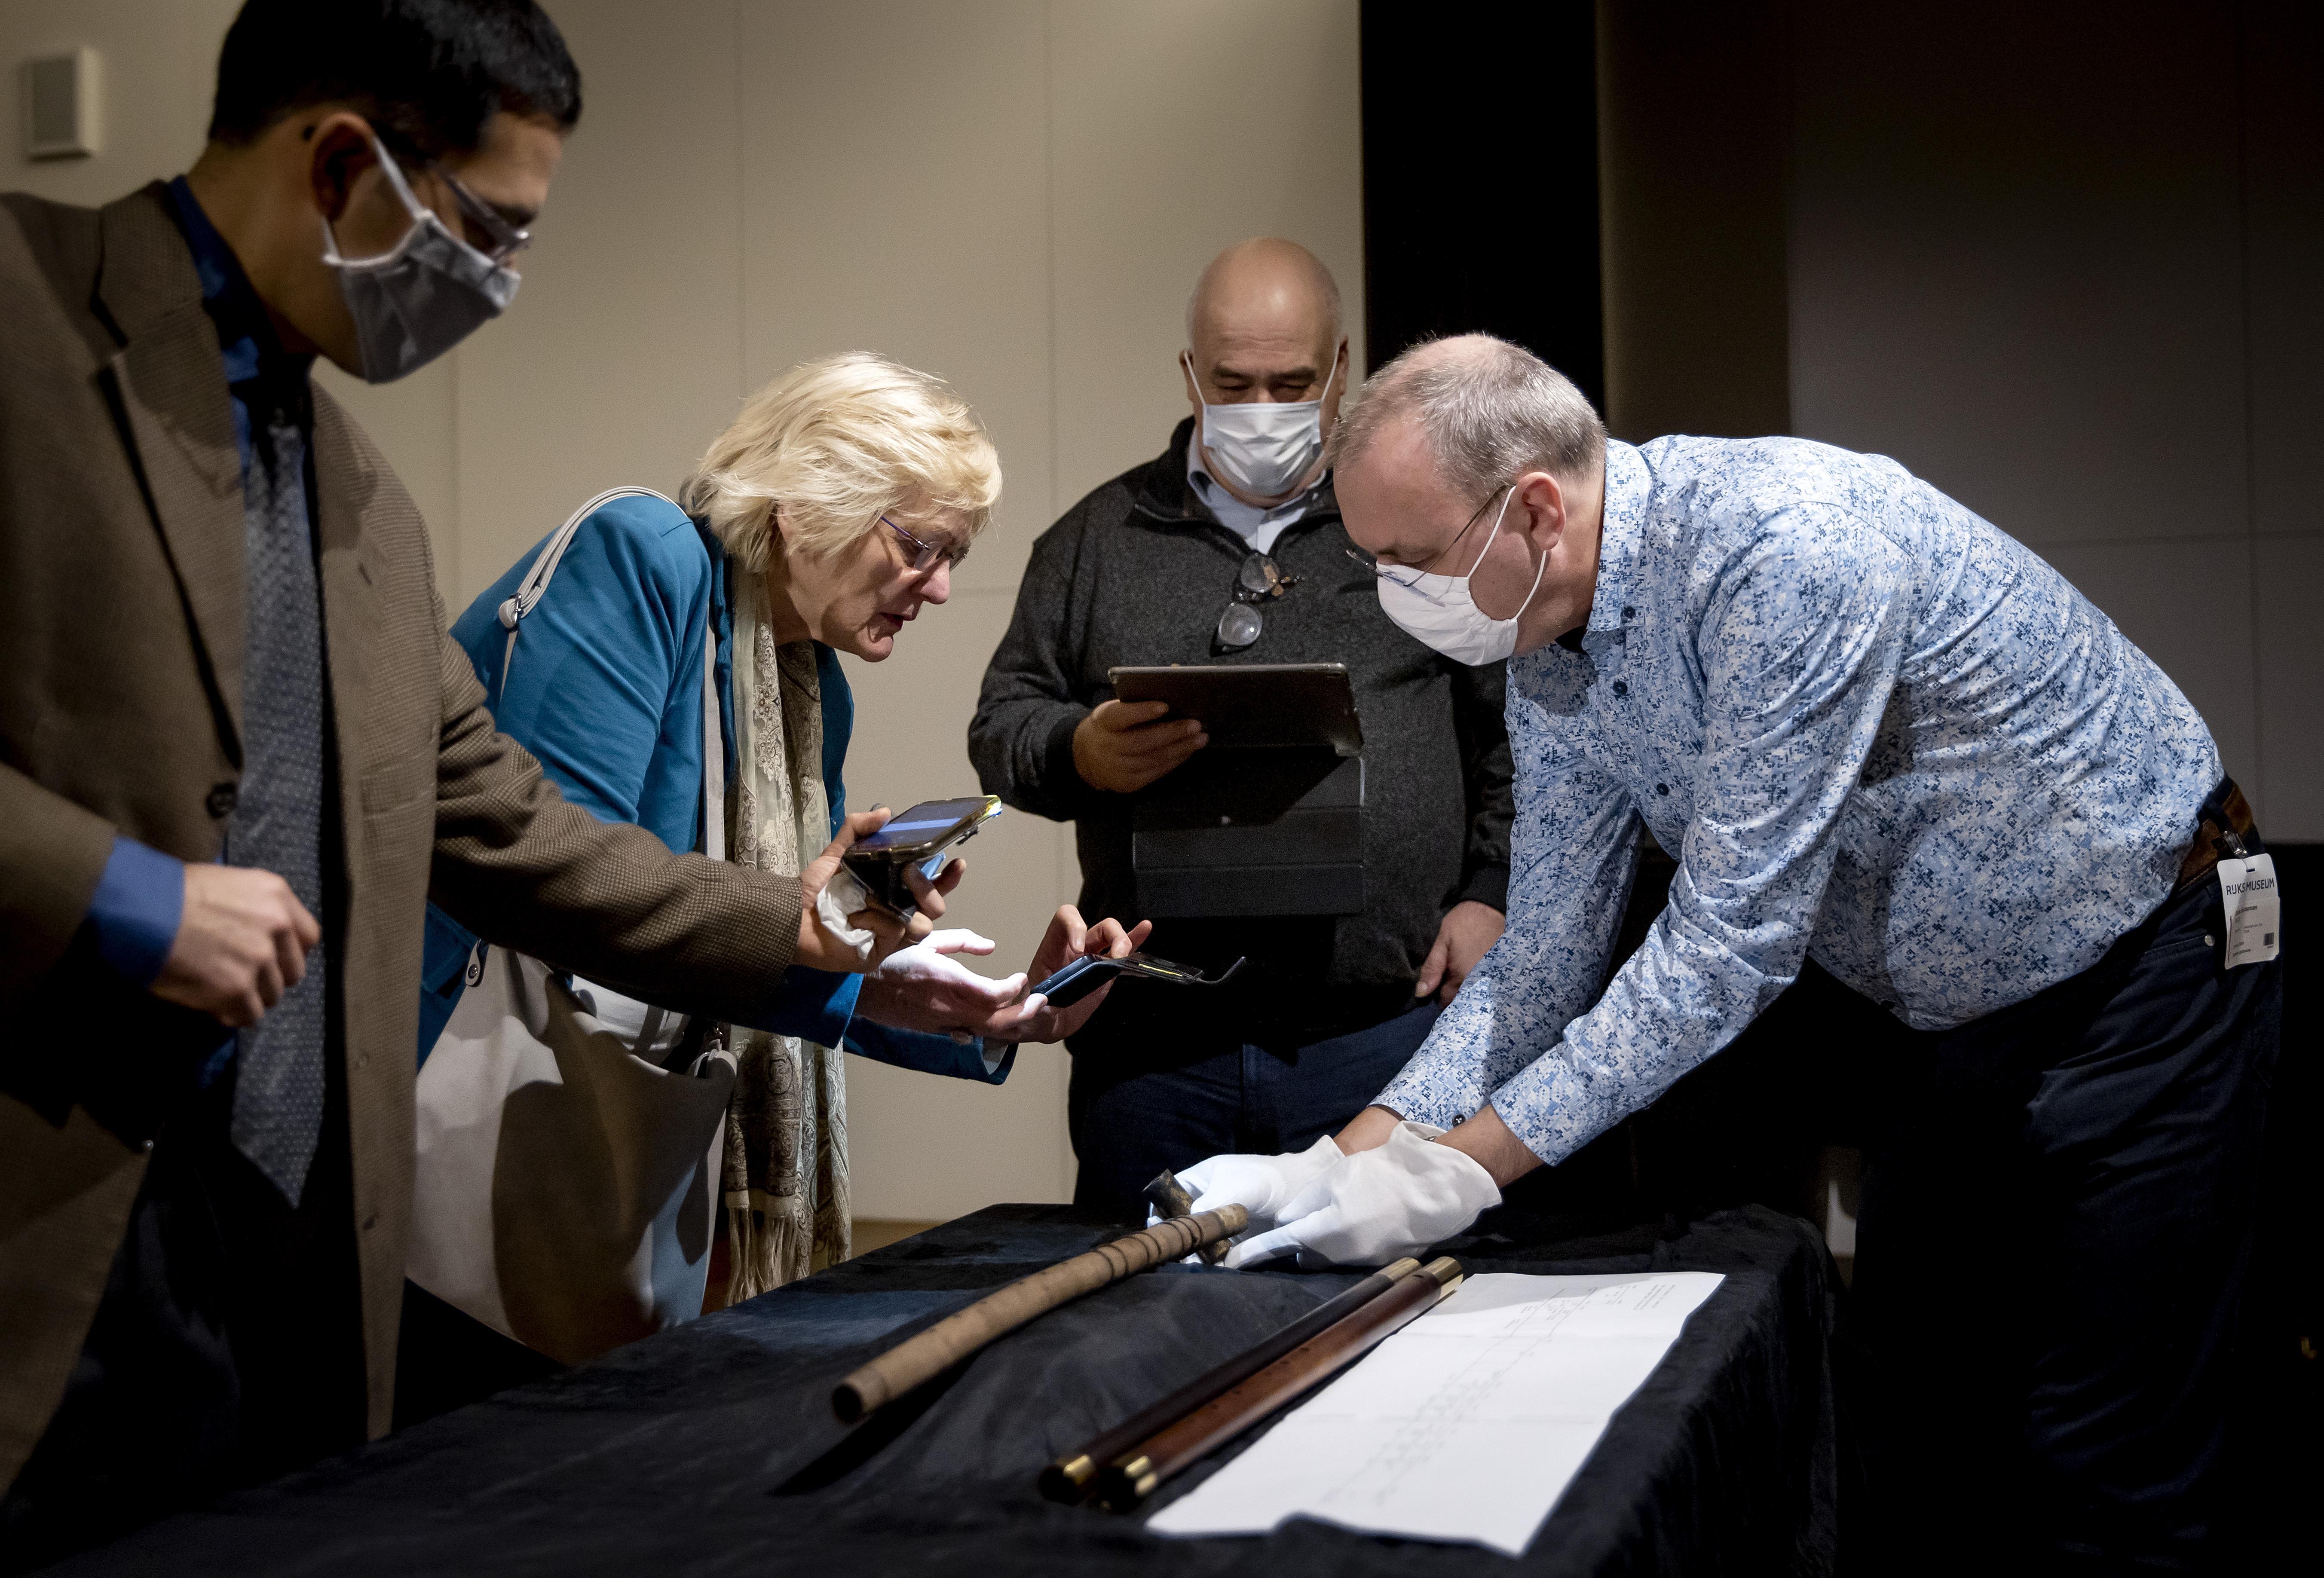 Fluit uit Markermeer blijkt oudste nog bestaande in Nederland: te zien in Huis van Hilde in Castricum